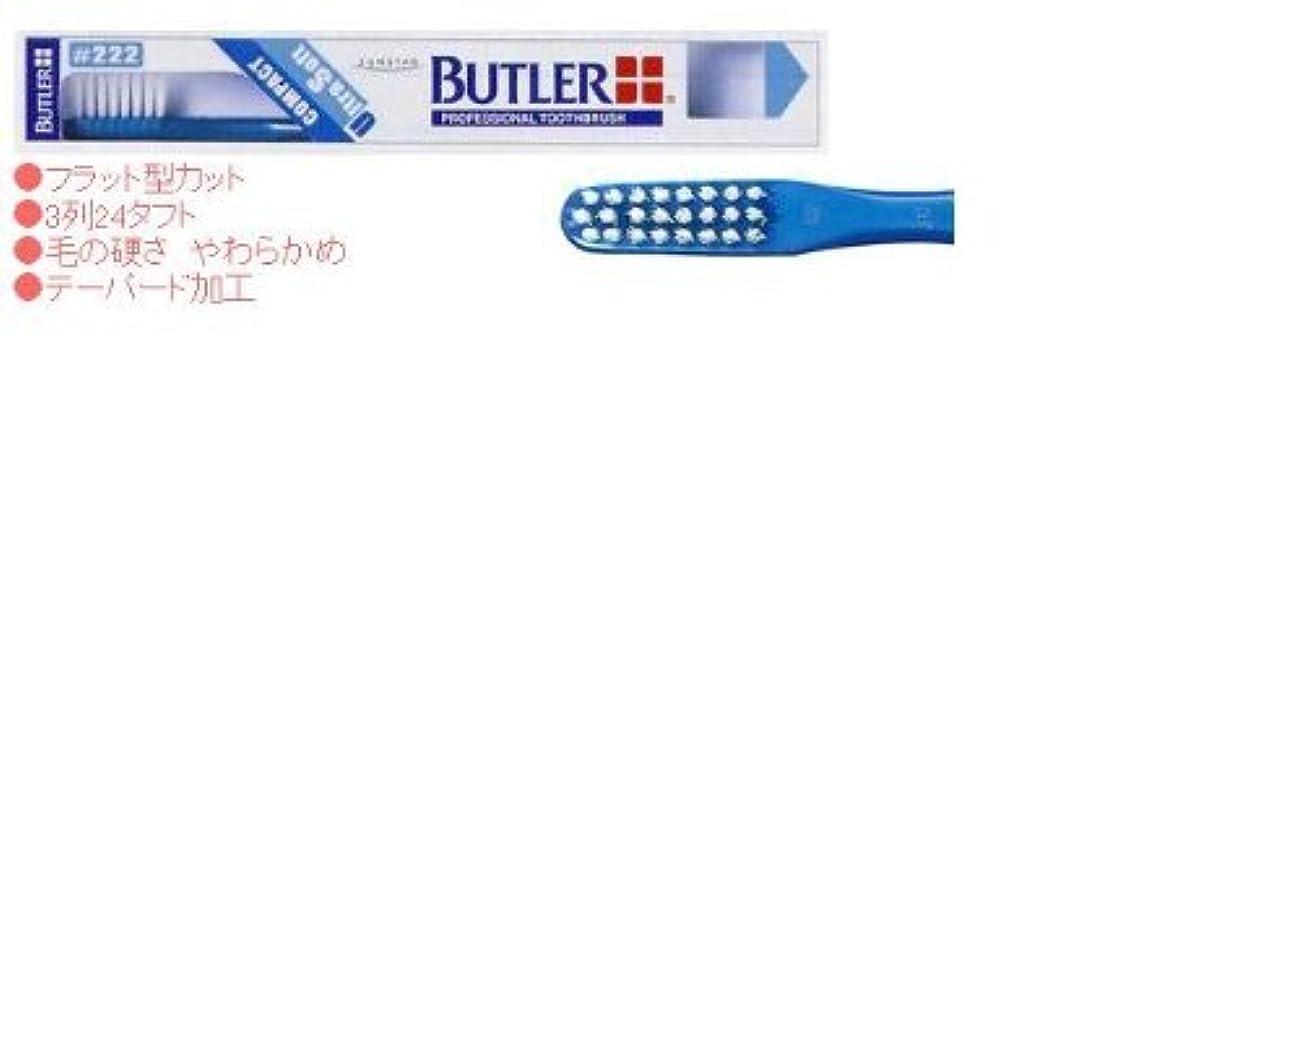 摂氏酸輪郭バトラー歯ブラシ 1本 #222